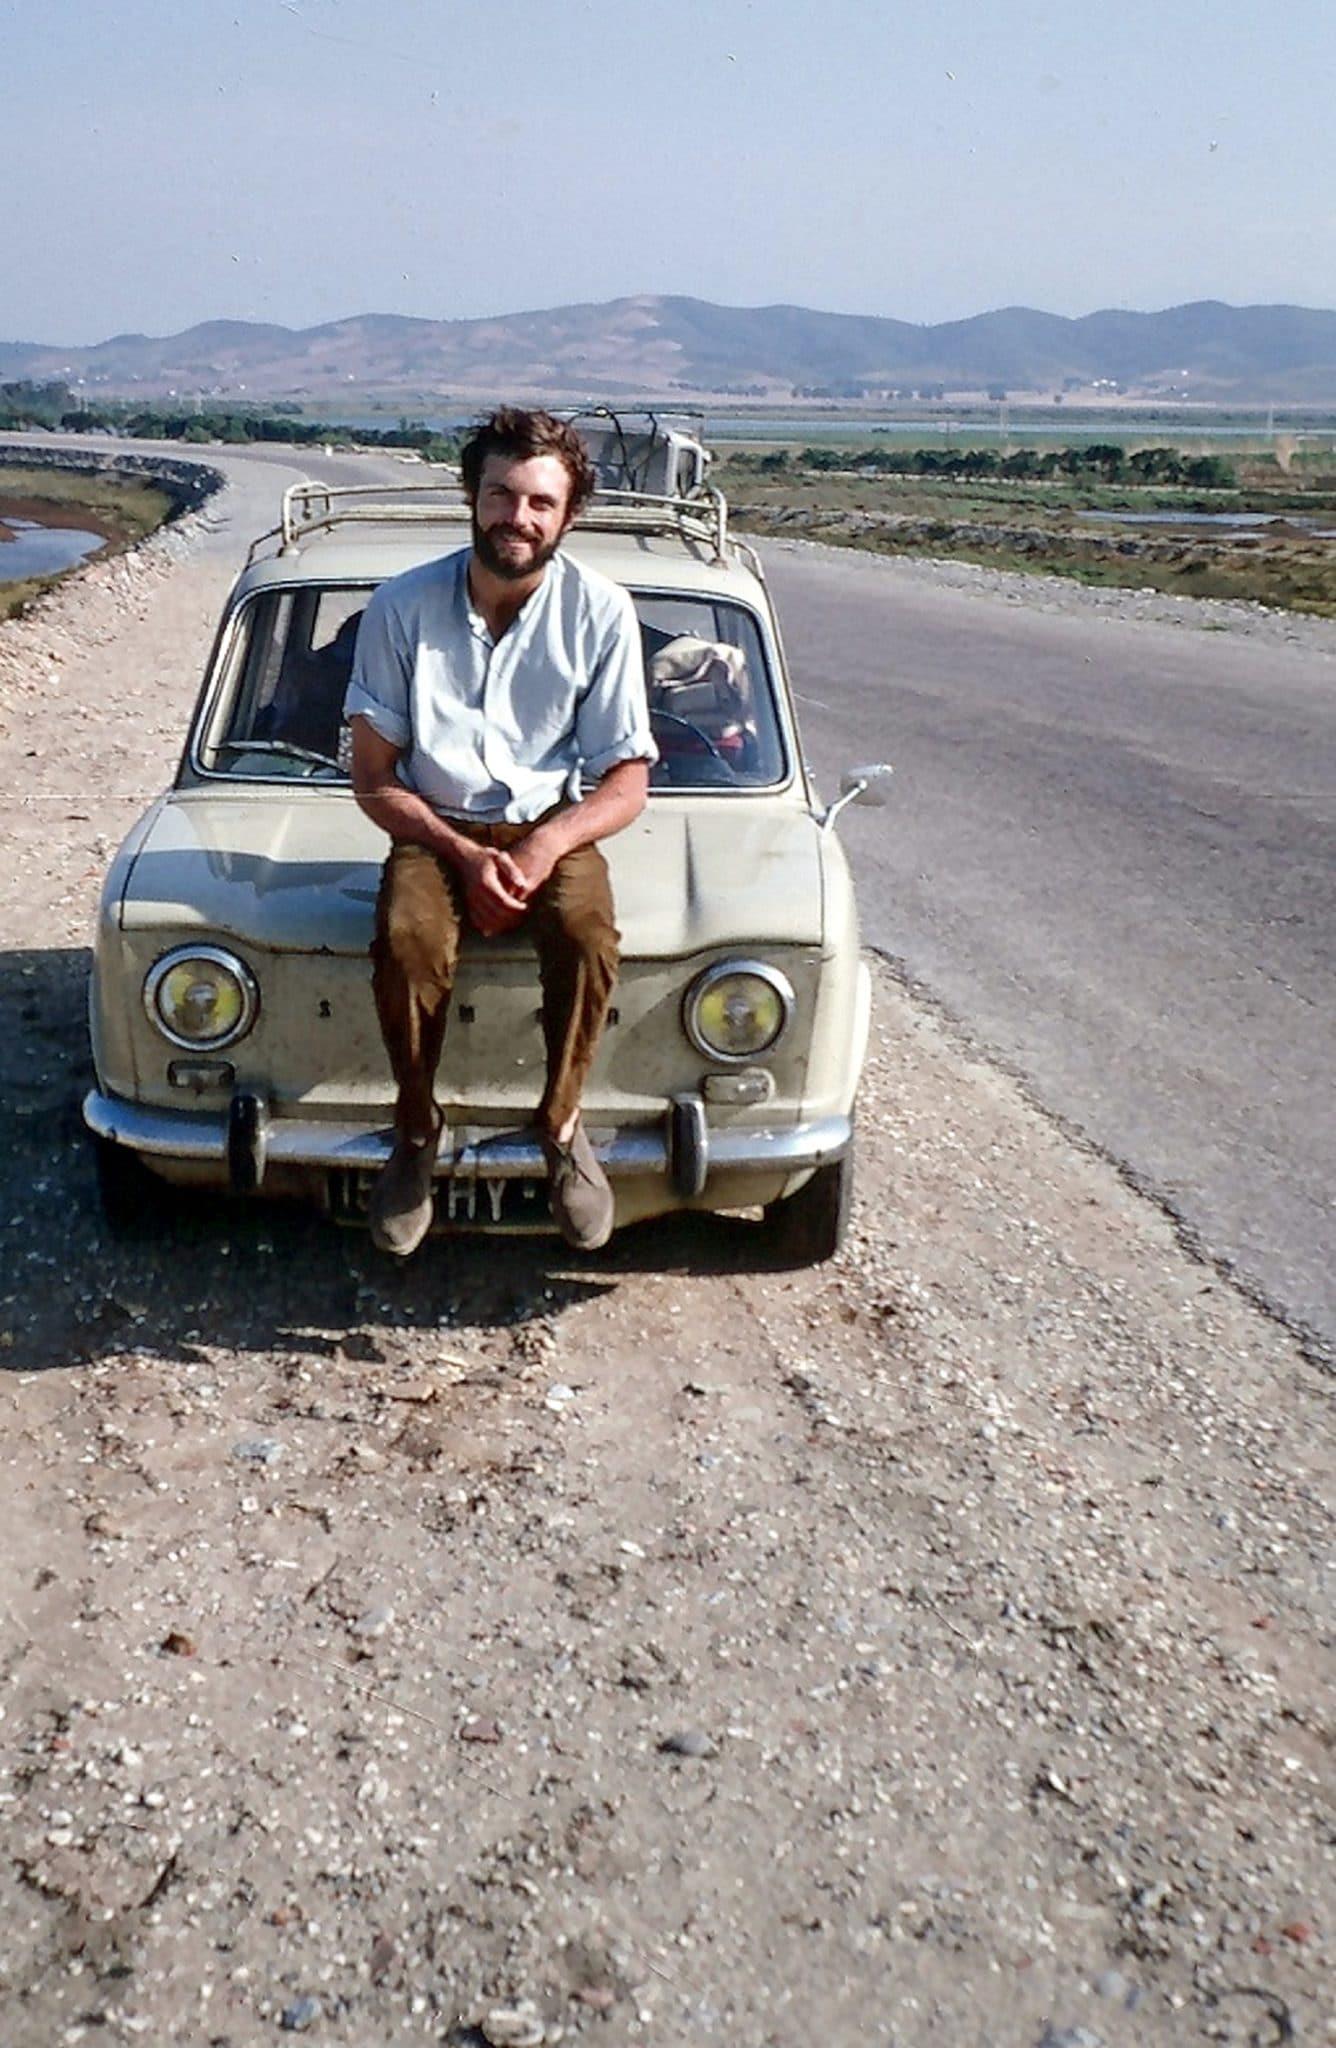 Pierre est assis sur le capot de sa simca 1000 sur une route en Asie